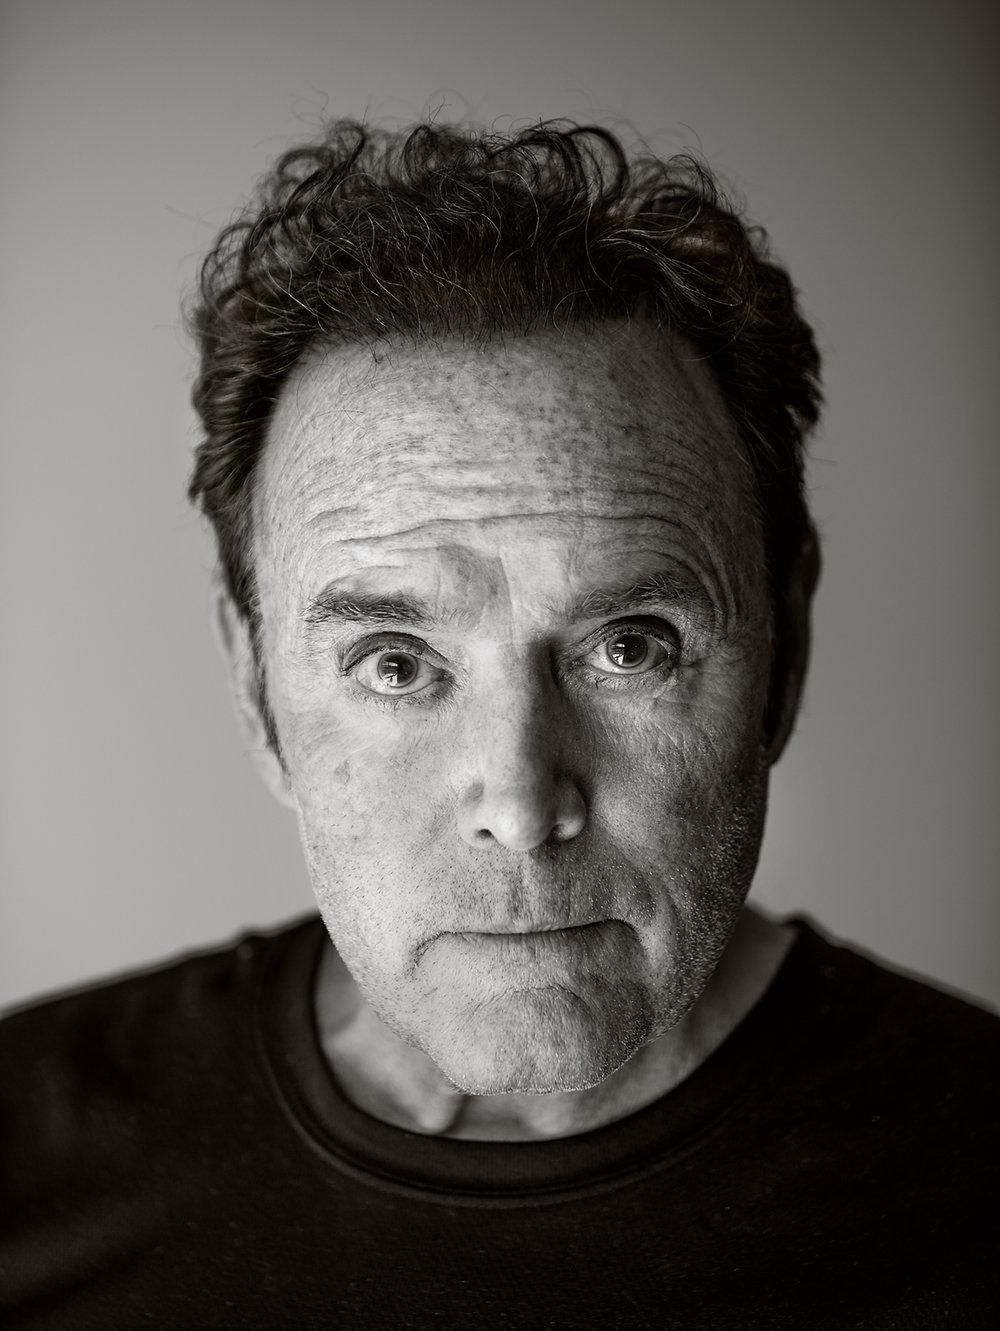 Chehalis Hegner_Lucid Dreams_Portrait of James Kiberd.jpg